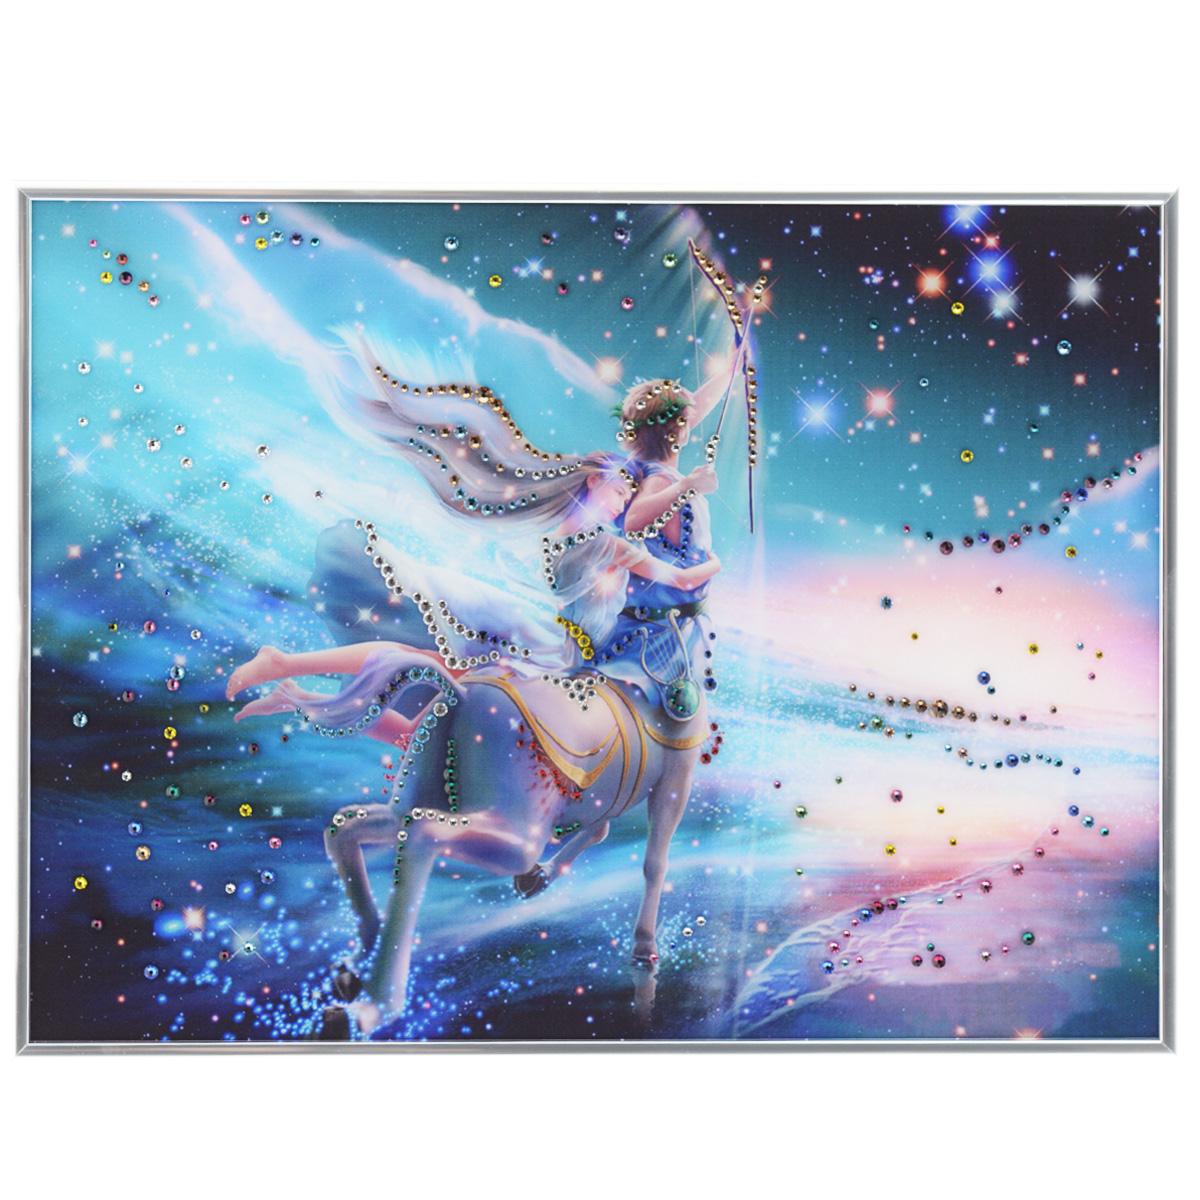 Картина с кристаллами Swarovski Знак зодиака. Стрелец Кагая, 40 см х 30 см8-531Изящная картина в металлической раме, инкрустирована кристаллами Swarovski, которые отличаются четкой и ровной огранкой, ярким блеском и чистотой цвета. Красочное изображение знака зодиака - стрелец Кагая, расположенное под стеклом, прекрасно дополняет блеск кристаллов. С обратной стороны имеется металлическая петелька для размещения картины на стене. Картина с кристаллами Swarovski Знак зодиака. Стрелец Кагая элегантно украсит интерьер дома или офиса, а также станет прекрасным подарком, который обязательно понравится получателю. Блеск кристаллов в интерьере, что может быть сказочнее и удивительнее. Картина упакована в подарочную картонную коробку синего цвета и комплектуется сертификатом соответствия Swarovski.